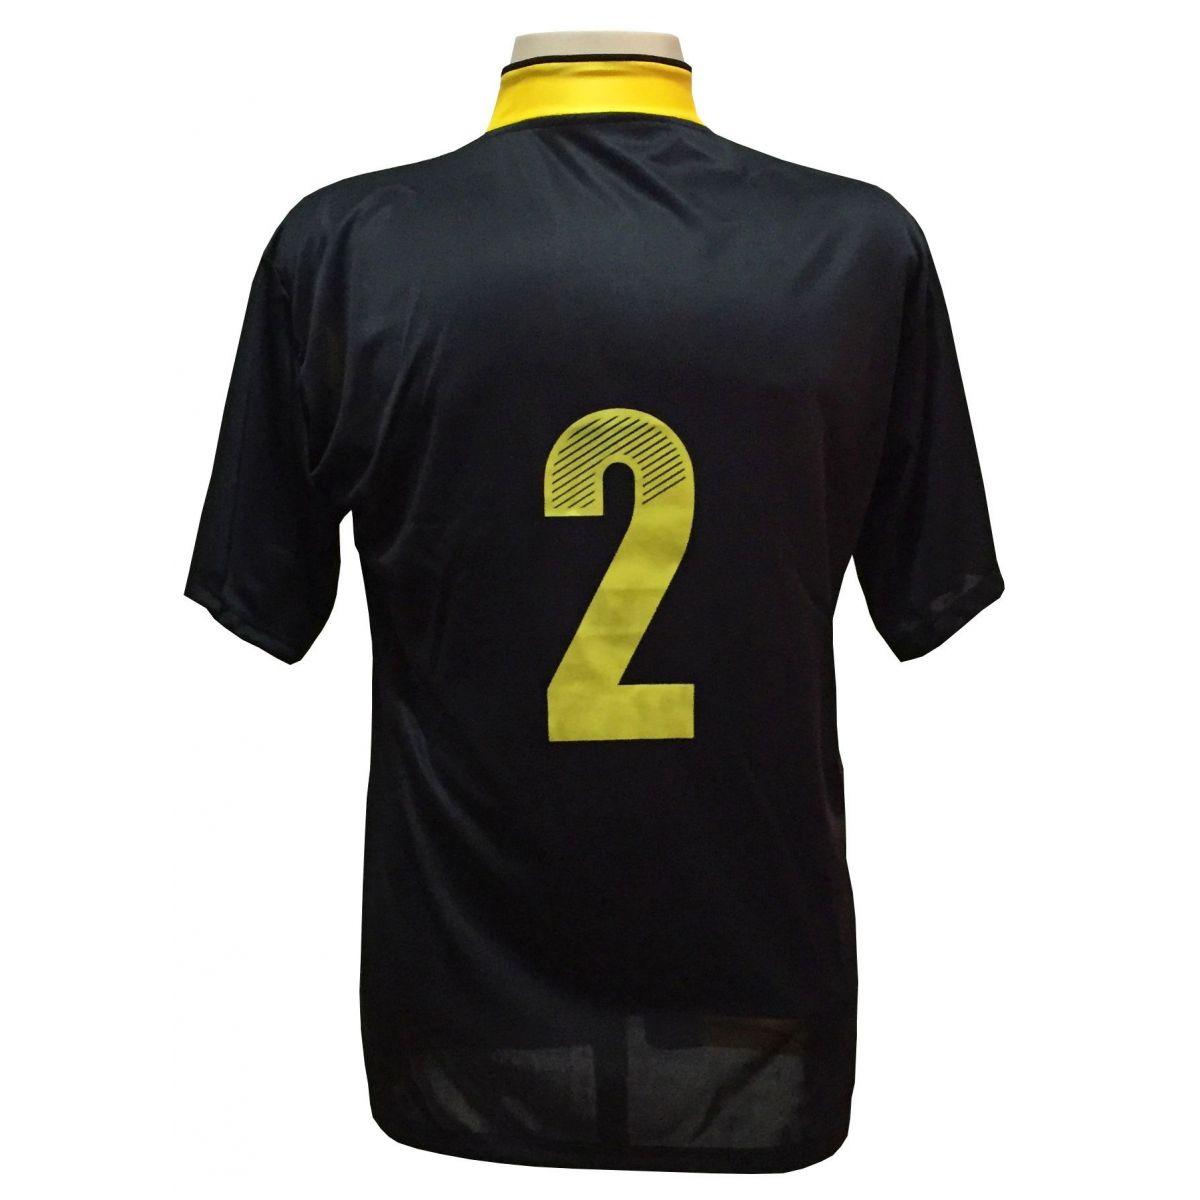 Uniforme Esportivo com 14 Camisas modelo Suécia Preto/Amarelo + 14 Calções modelo Madrid Preto